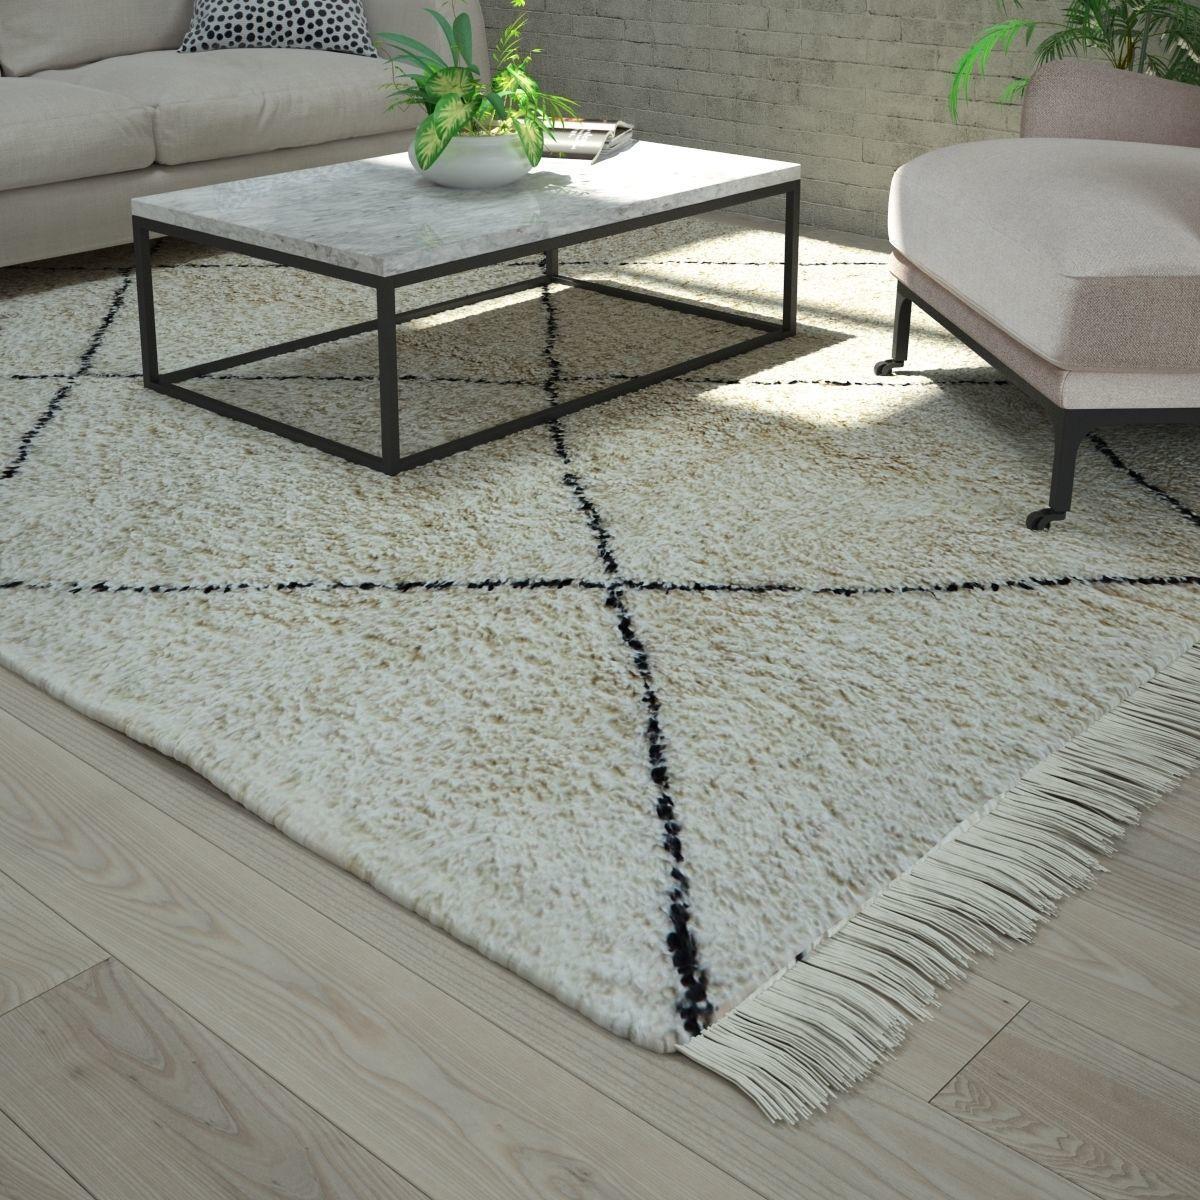 Verbazingwekkend 3D Beni Ourain rug | CGTrader JY-72